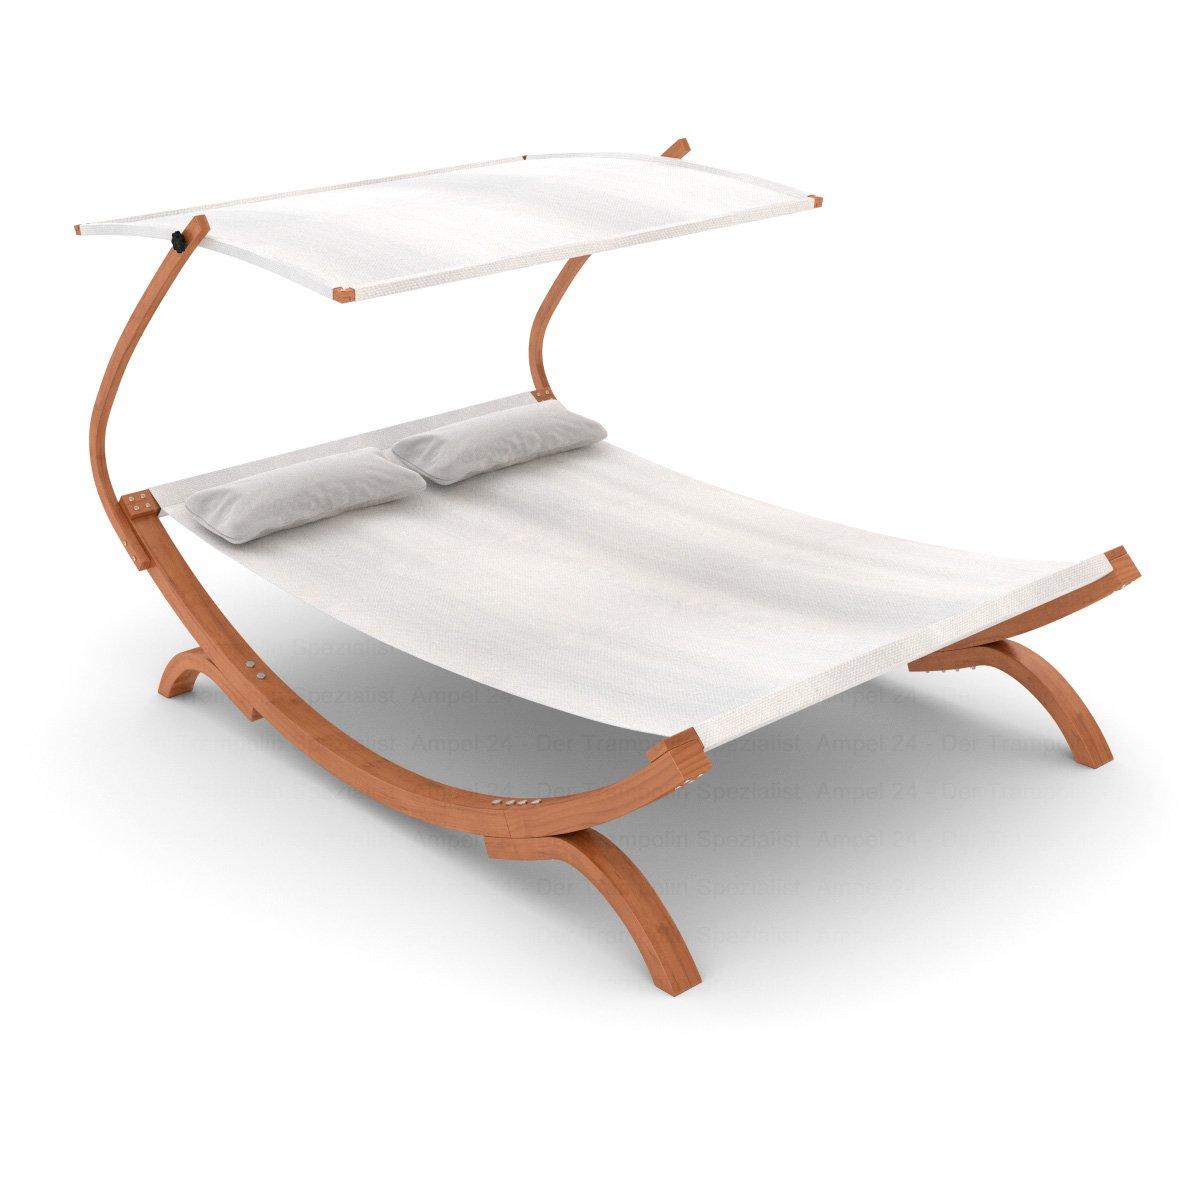 Luxus Doppel-Sonnenliege Panama, 230x180x170 cm, mit verstellbarem Sonnendach, Hängemattengestell für 2 Personen, Holz